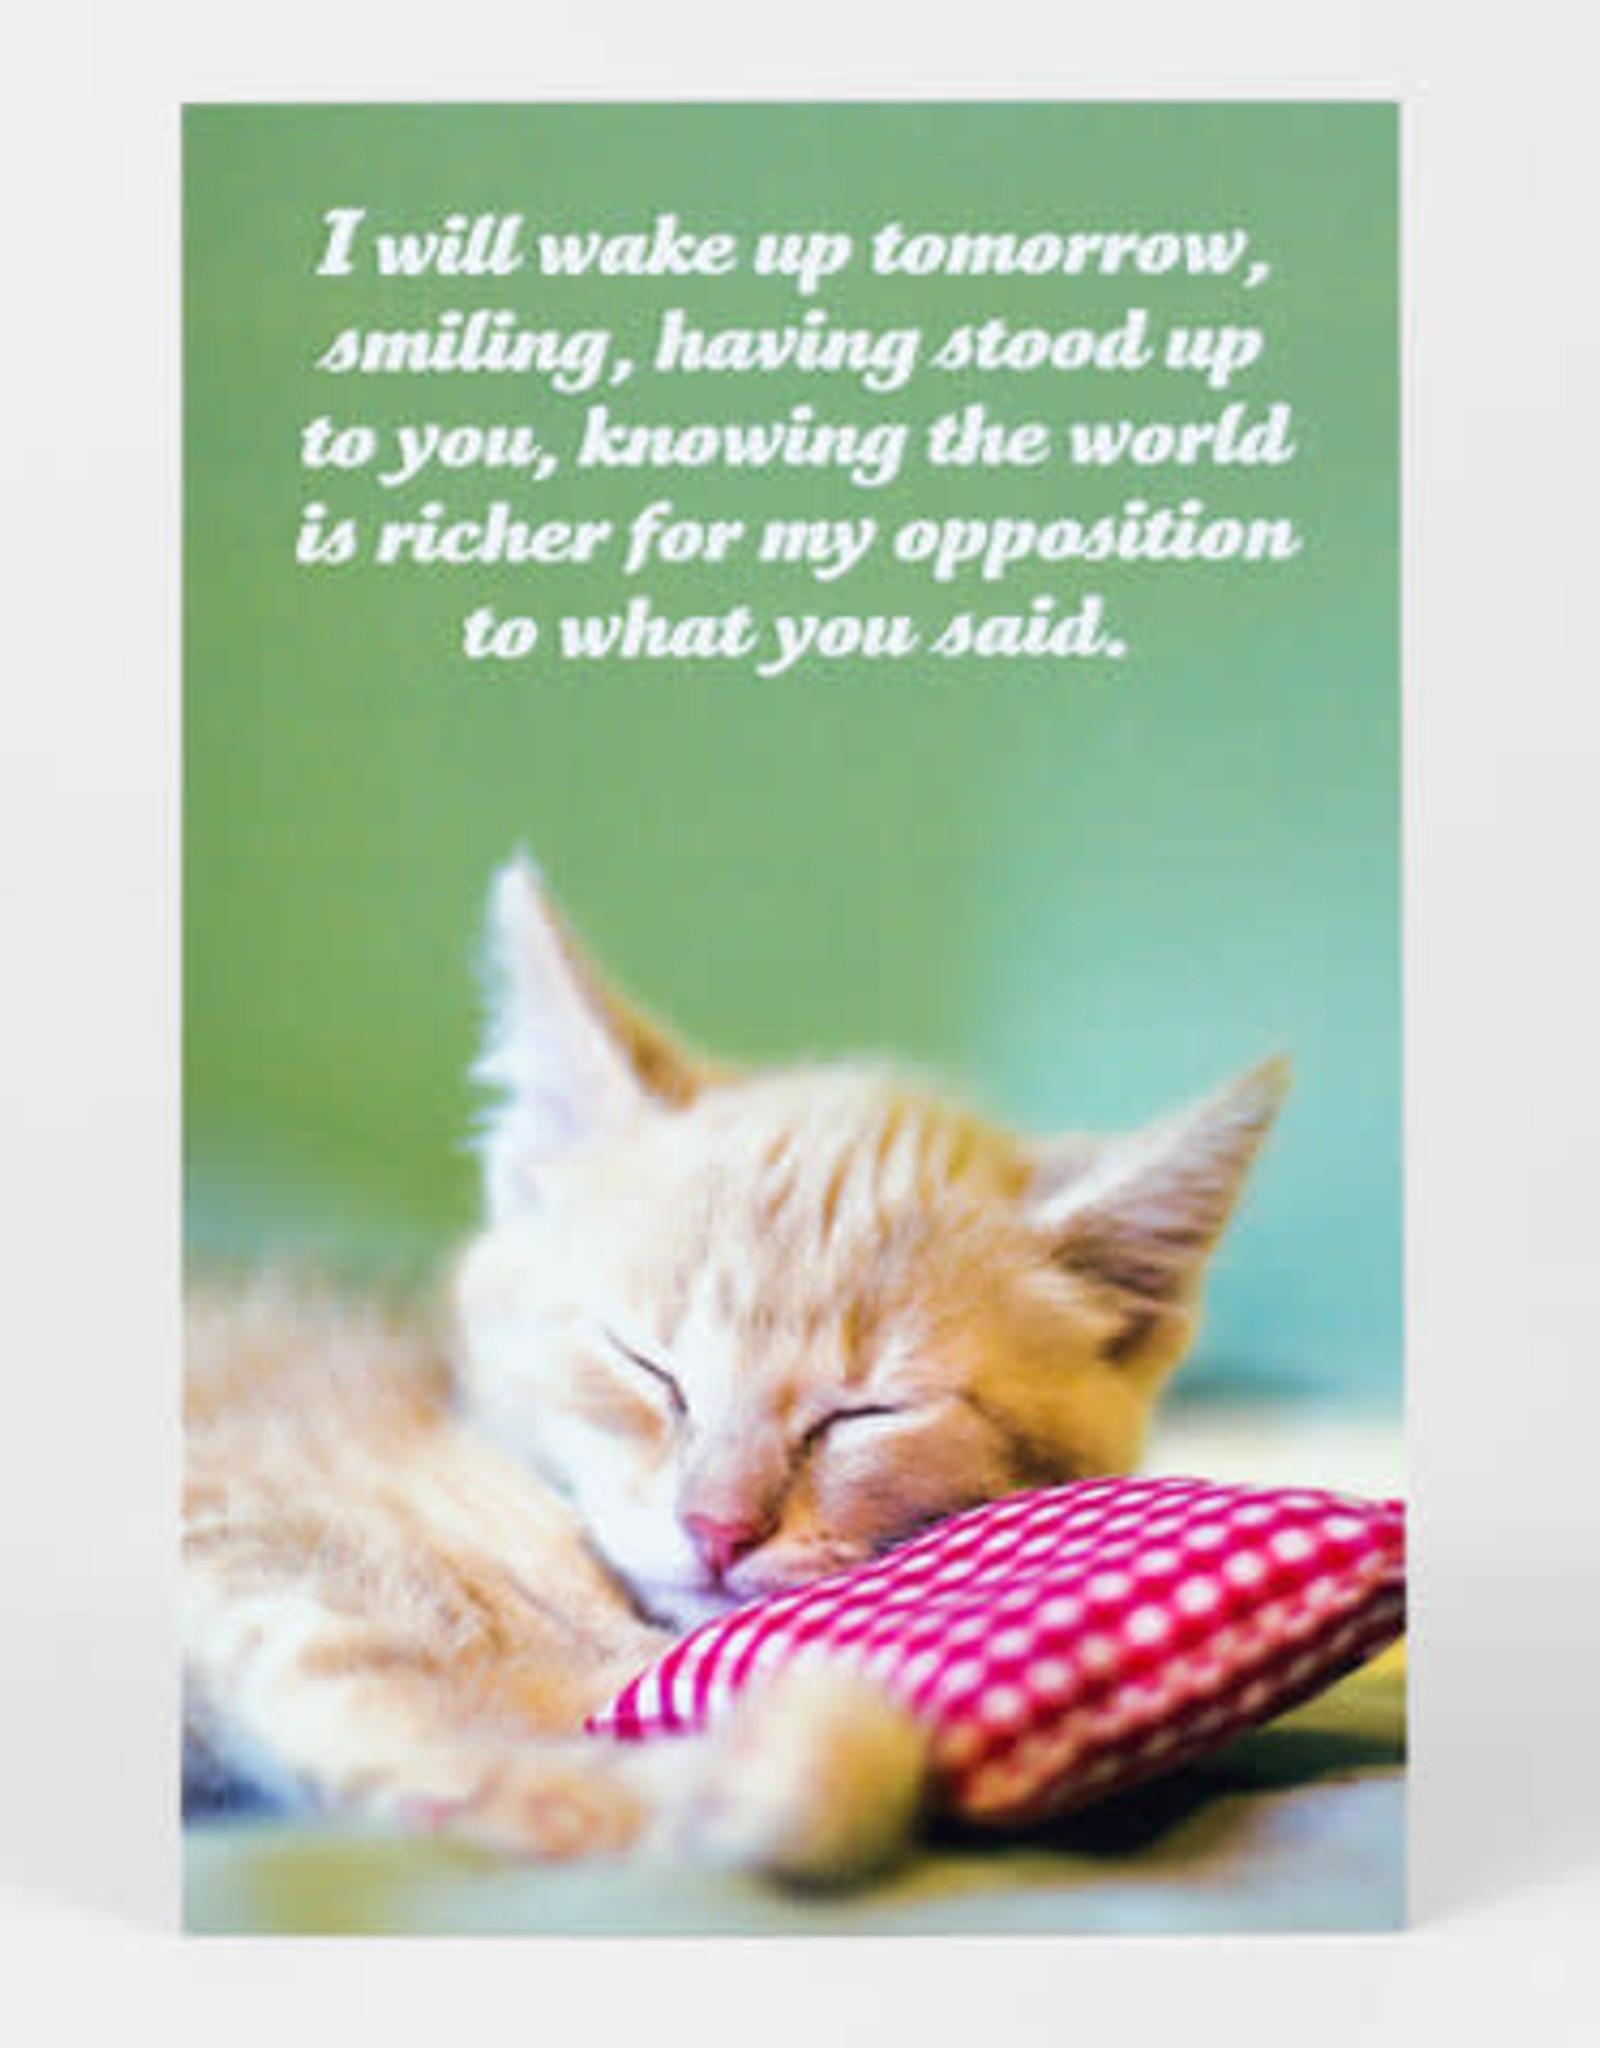 """Sean Tejaratchi """"I Will Wake Up Tomorrow"""" Postcard - Social Justice Kittens & Puppies, by Sean Tejaratchi"""